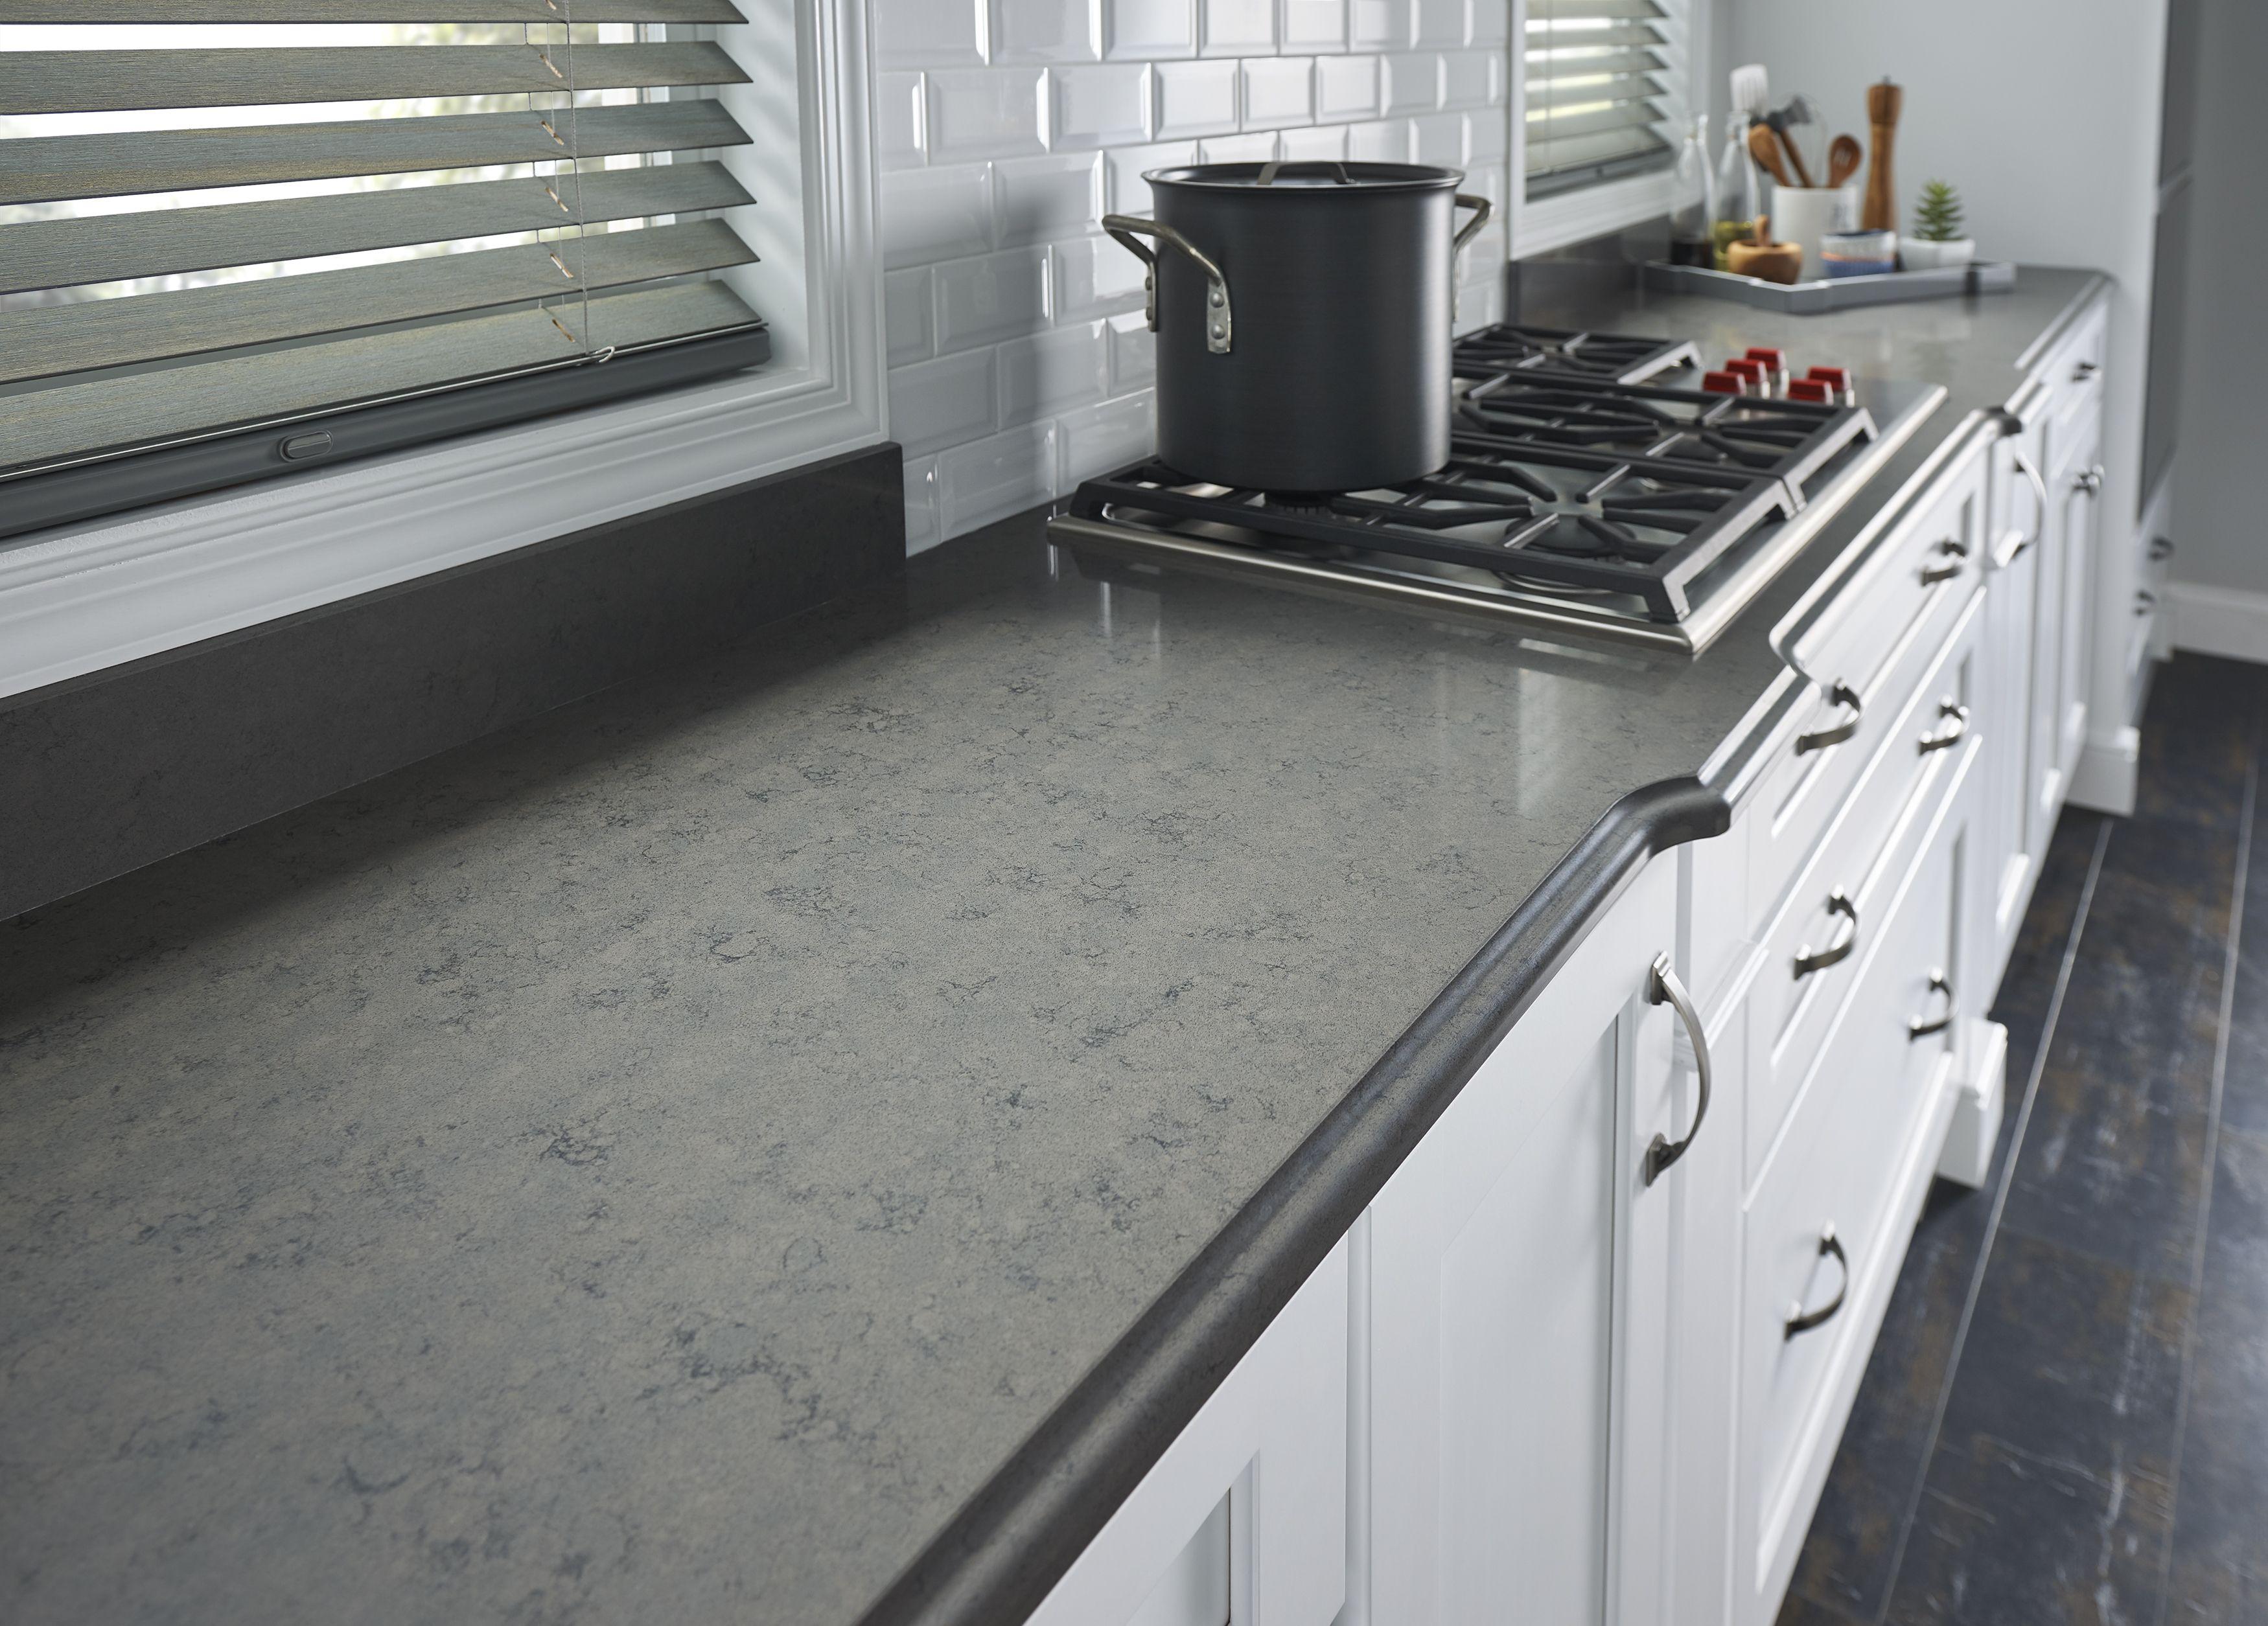 Großartig Küchenspülen Home Depot Ca Ideen - Küche Set Ideen ...